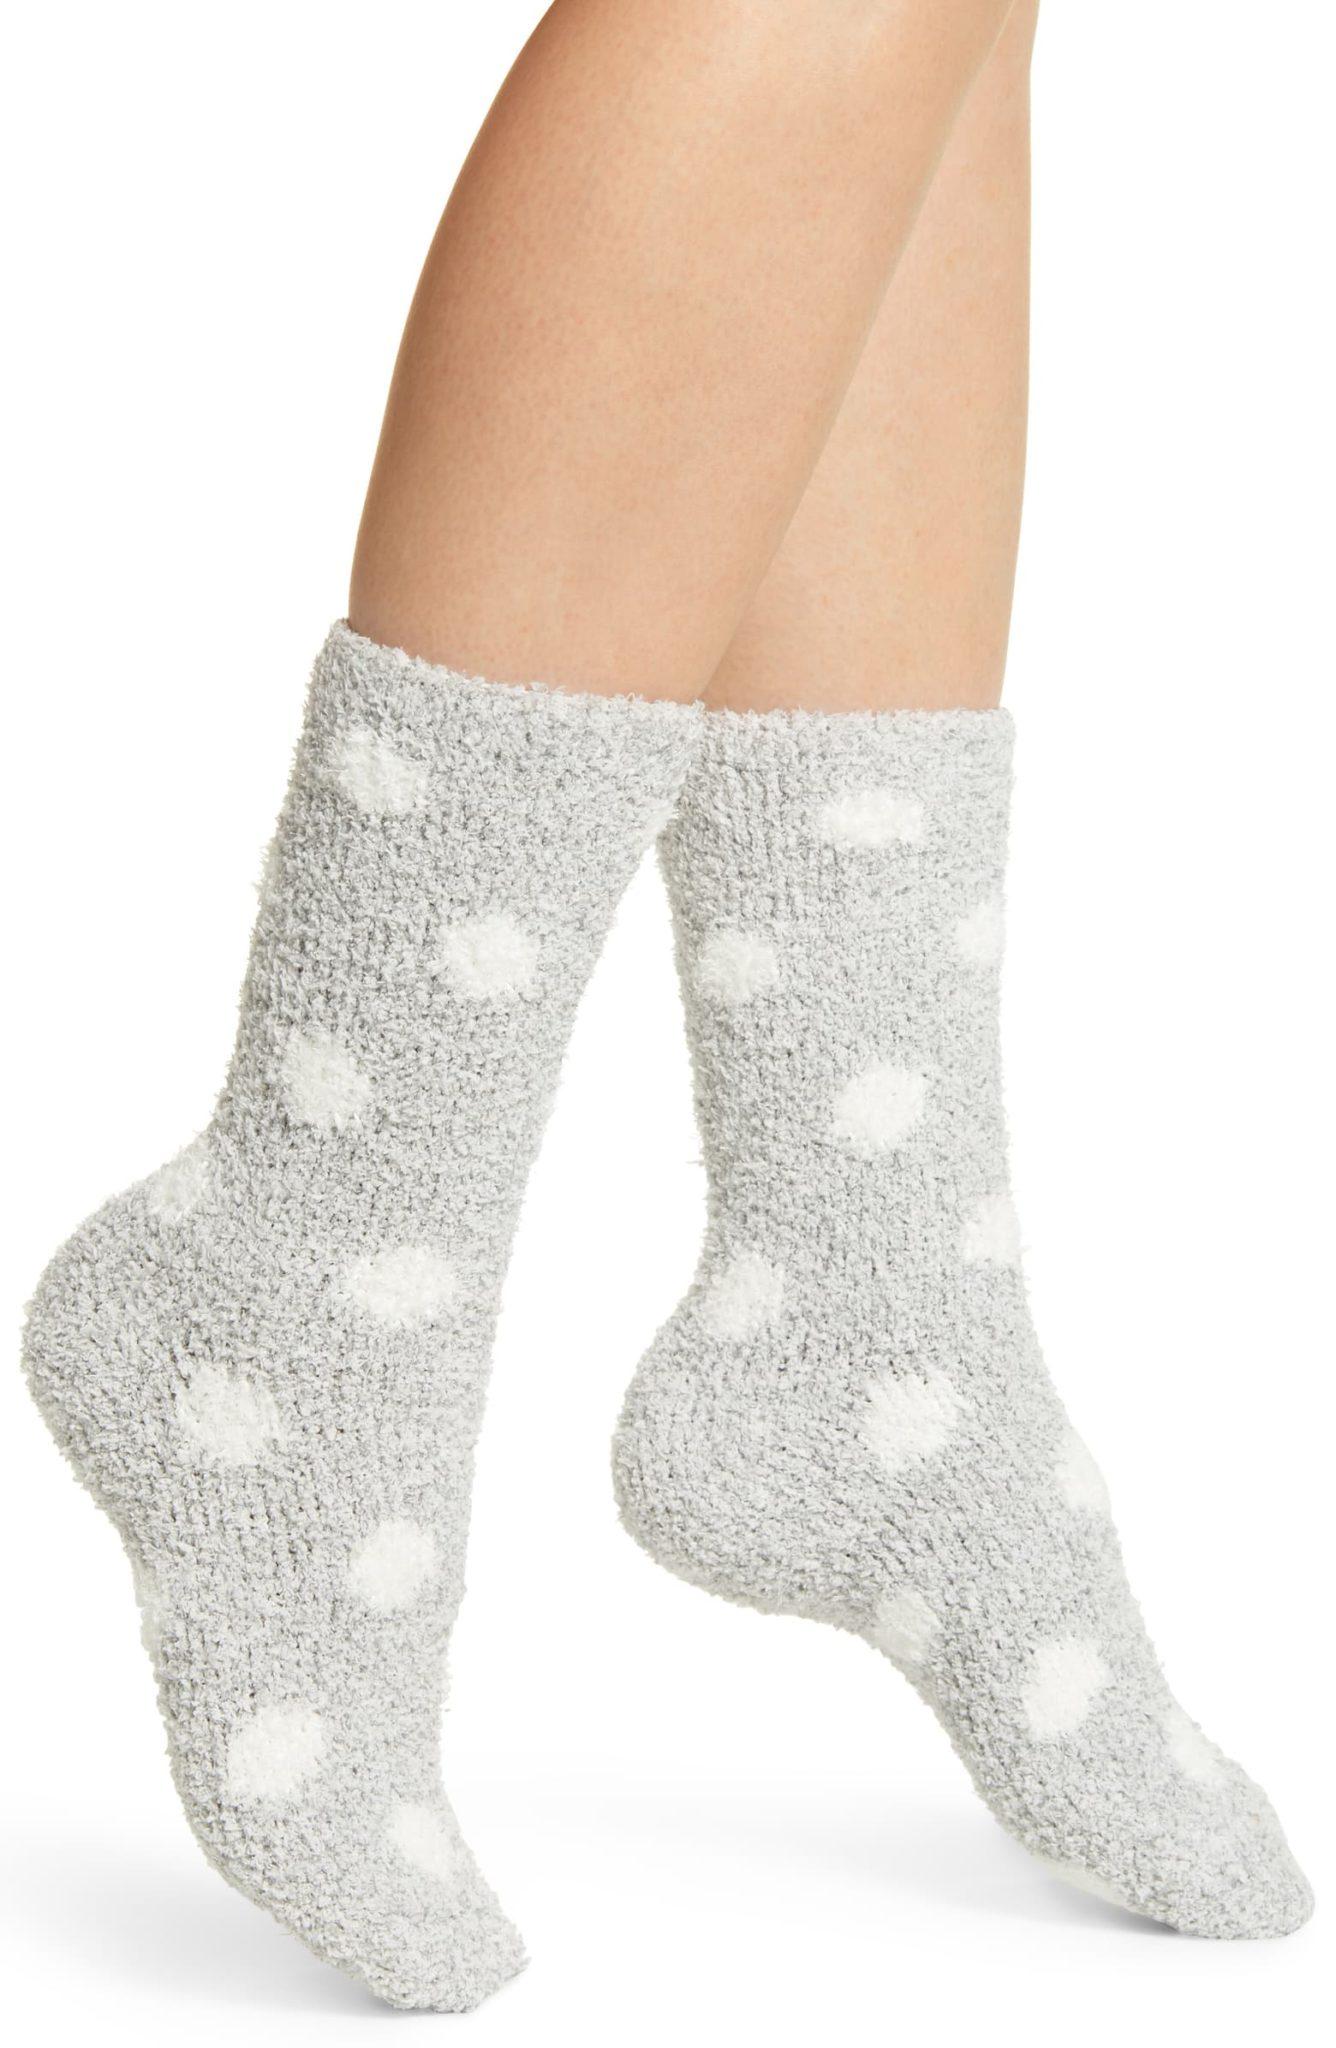 butter socks